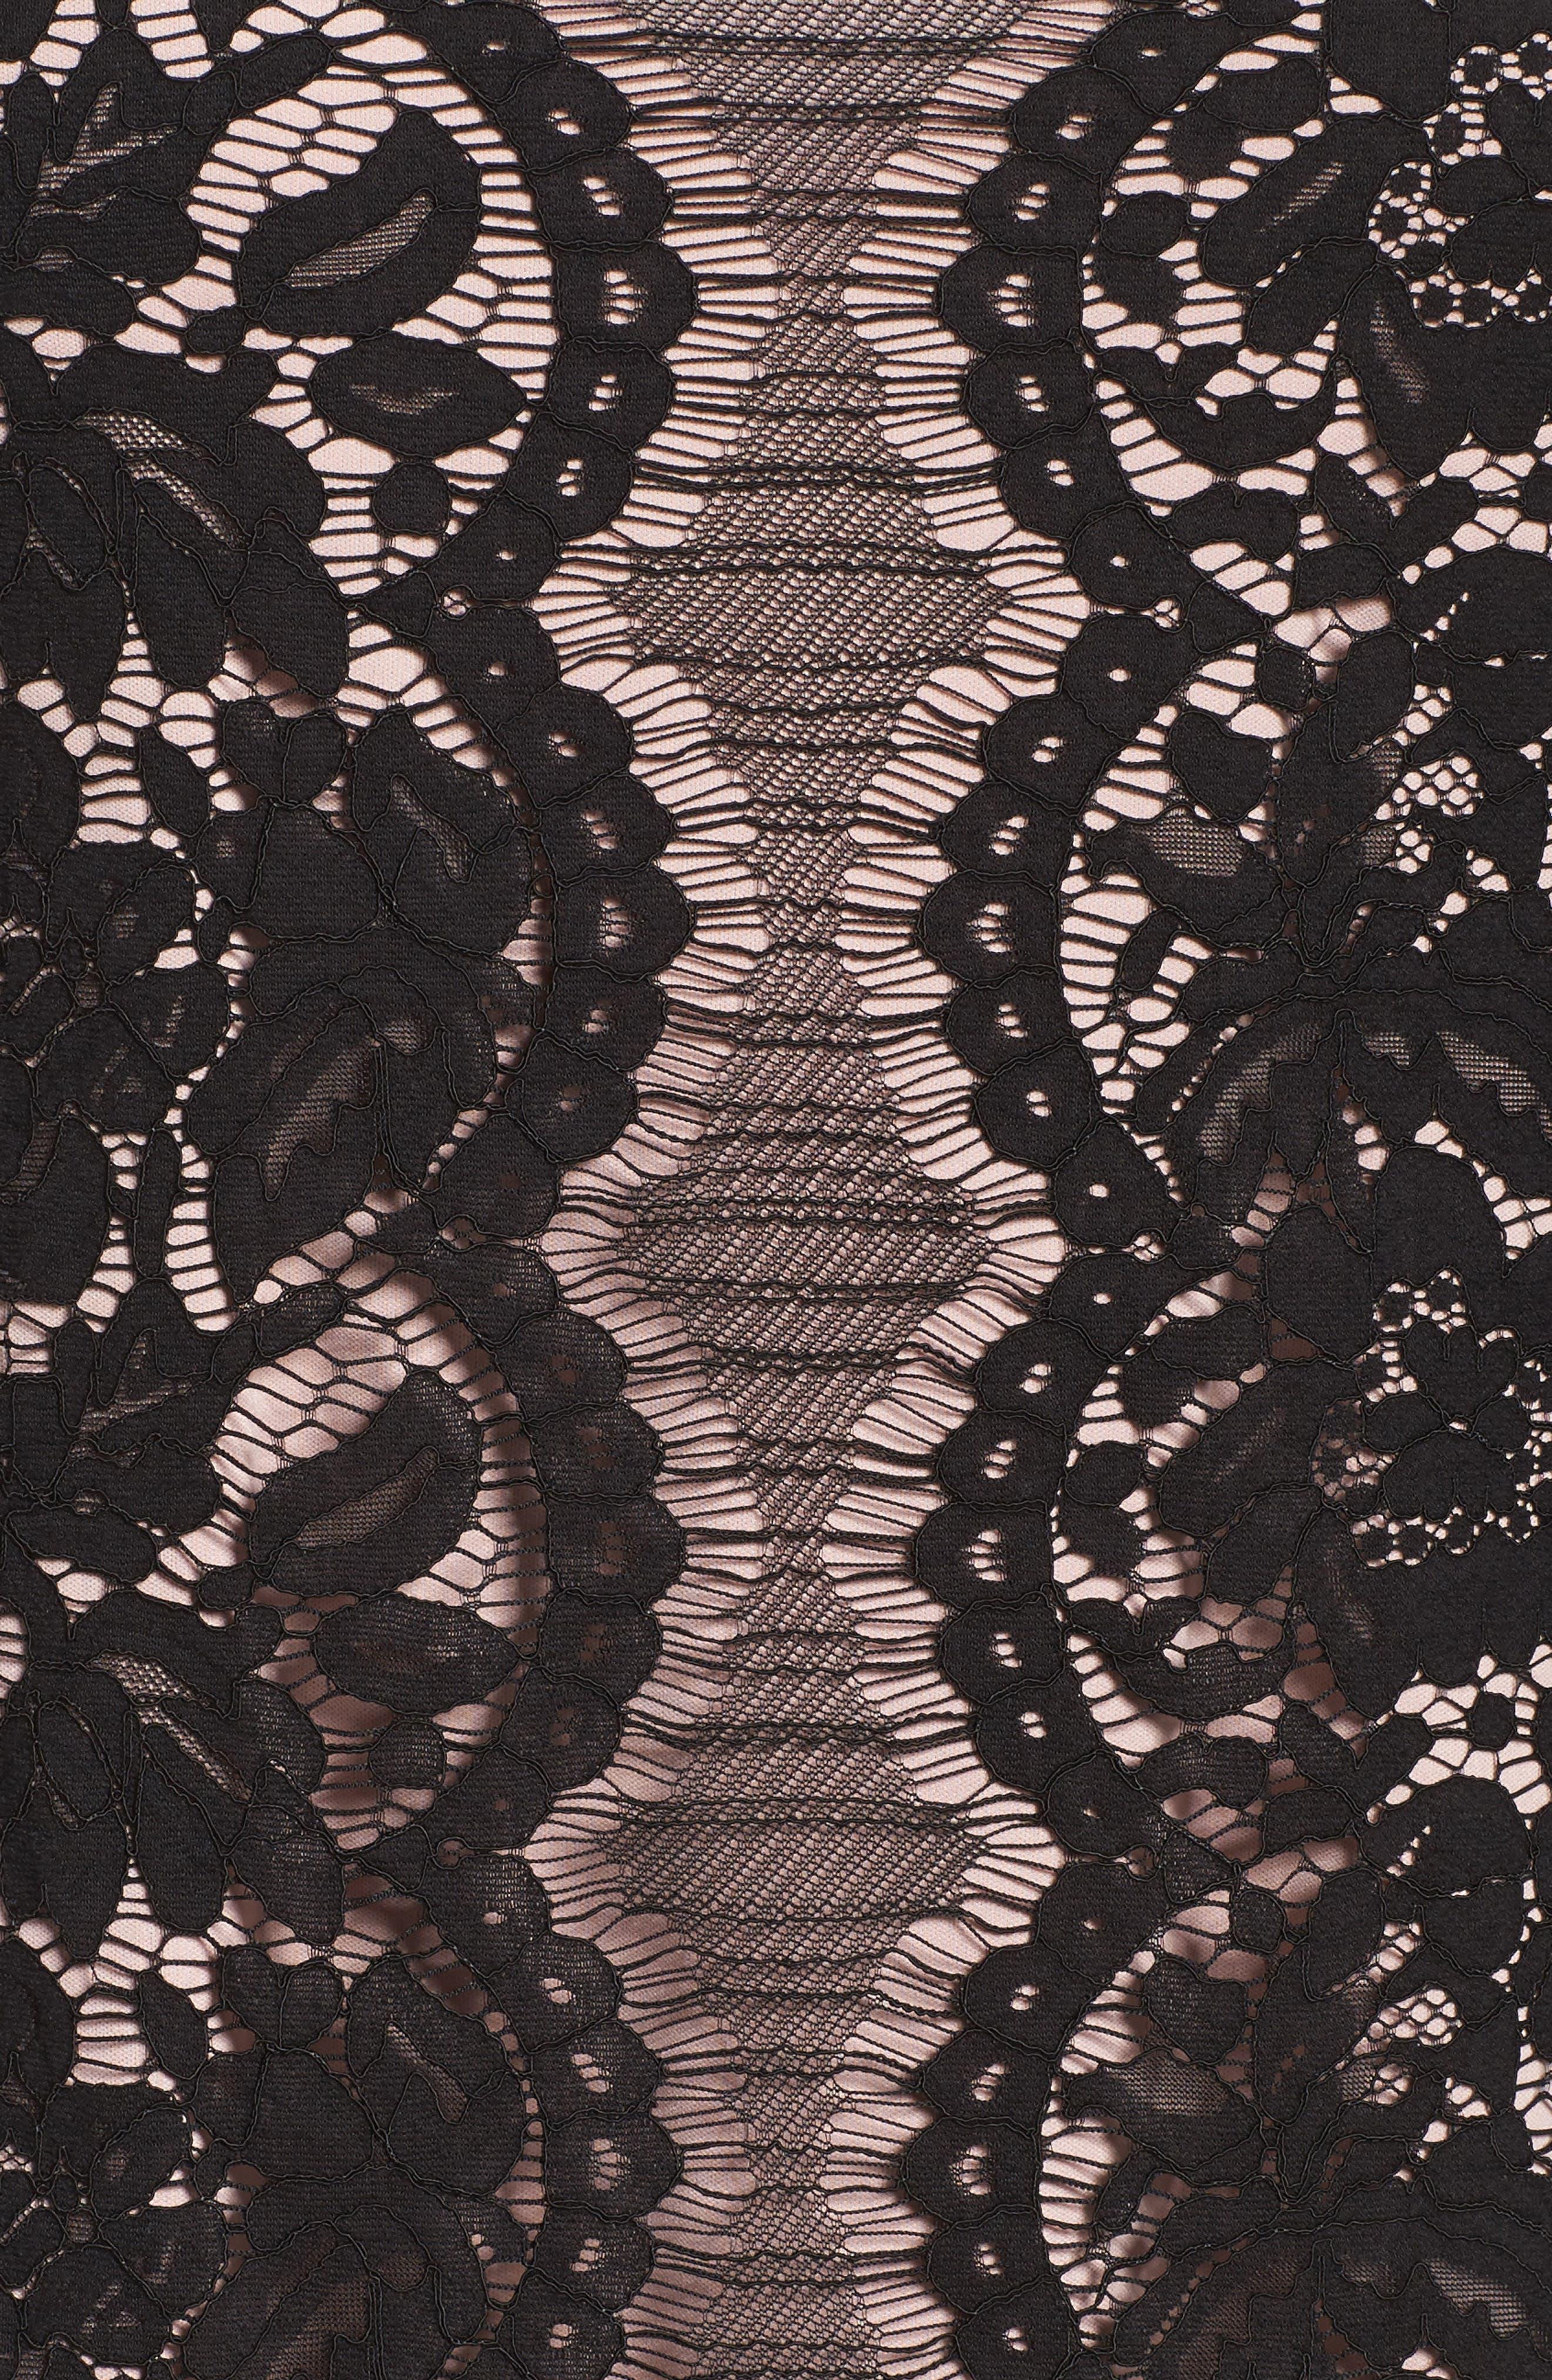 Lace A-Line Dress,                             Alternate thumbnail 5, color,                             001